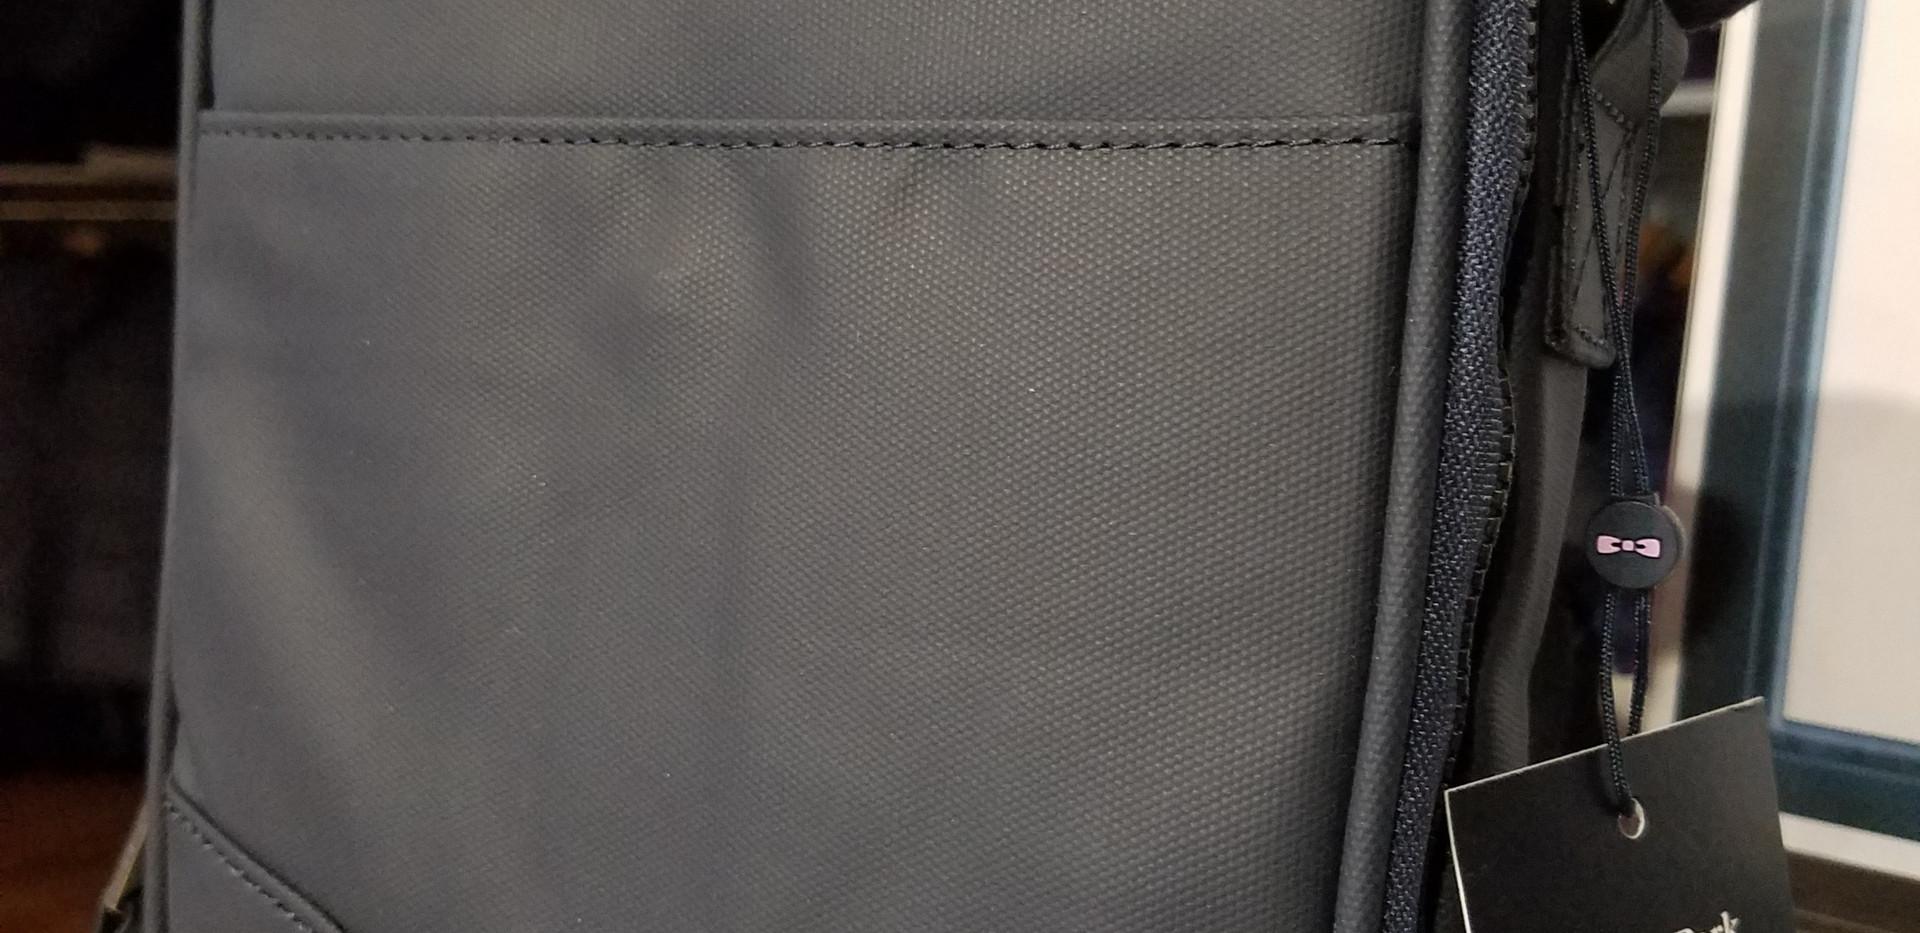 Petite besace Hexa bleu marine avec bandoulière  Surpiqûres en forme de nœud, bandoulière ajustable, poches multiples et bande tricolore, cette petite besace bleu marine déploie des trésors d'imagination pour vous plaire cette saison. Un accessoire à adopter sans hésiter.      Dimensions 16 cm     Bandoulière ajustable     Bande tricolore arrière     Poche extérieure plaquée magnétique     Deux poches extérieures avec zip tricolore     Multiples rangements intérieurs     Surpiqûres en forme de nœud papillon devant     Étiquette Eden Park Paris brodé devant